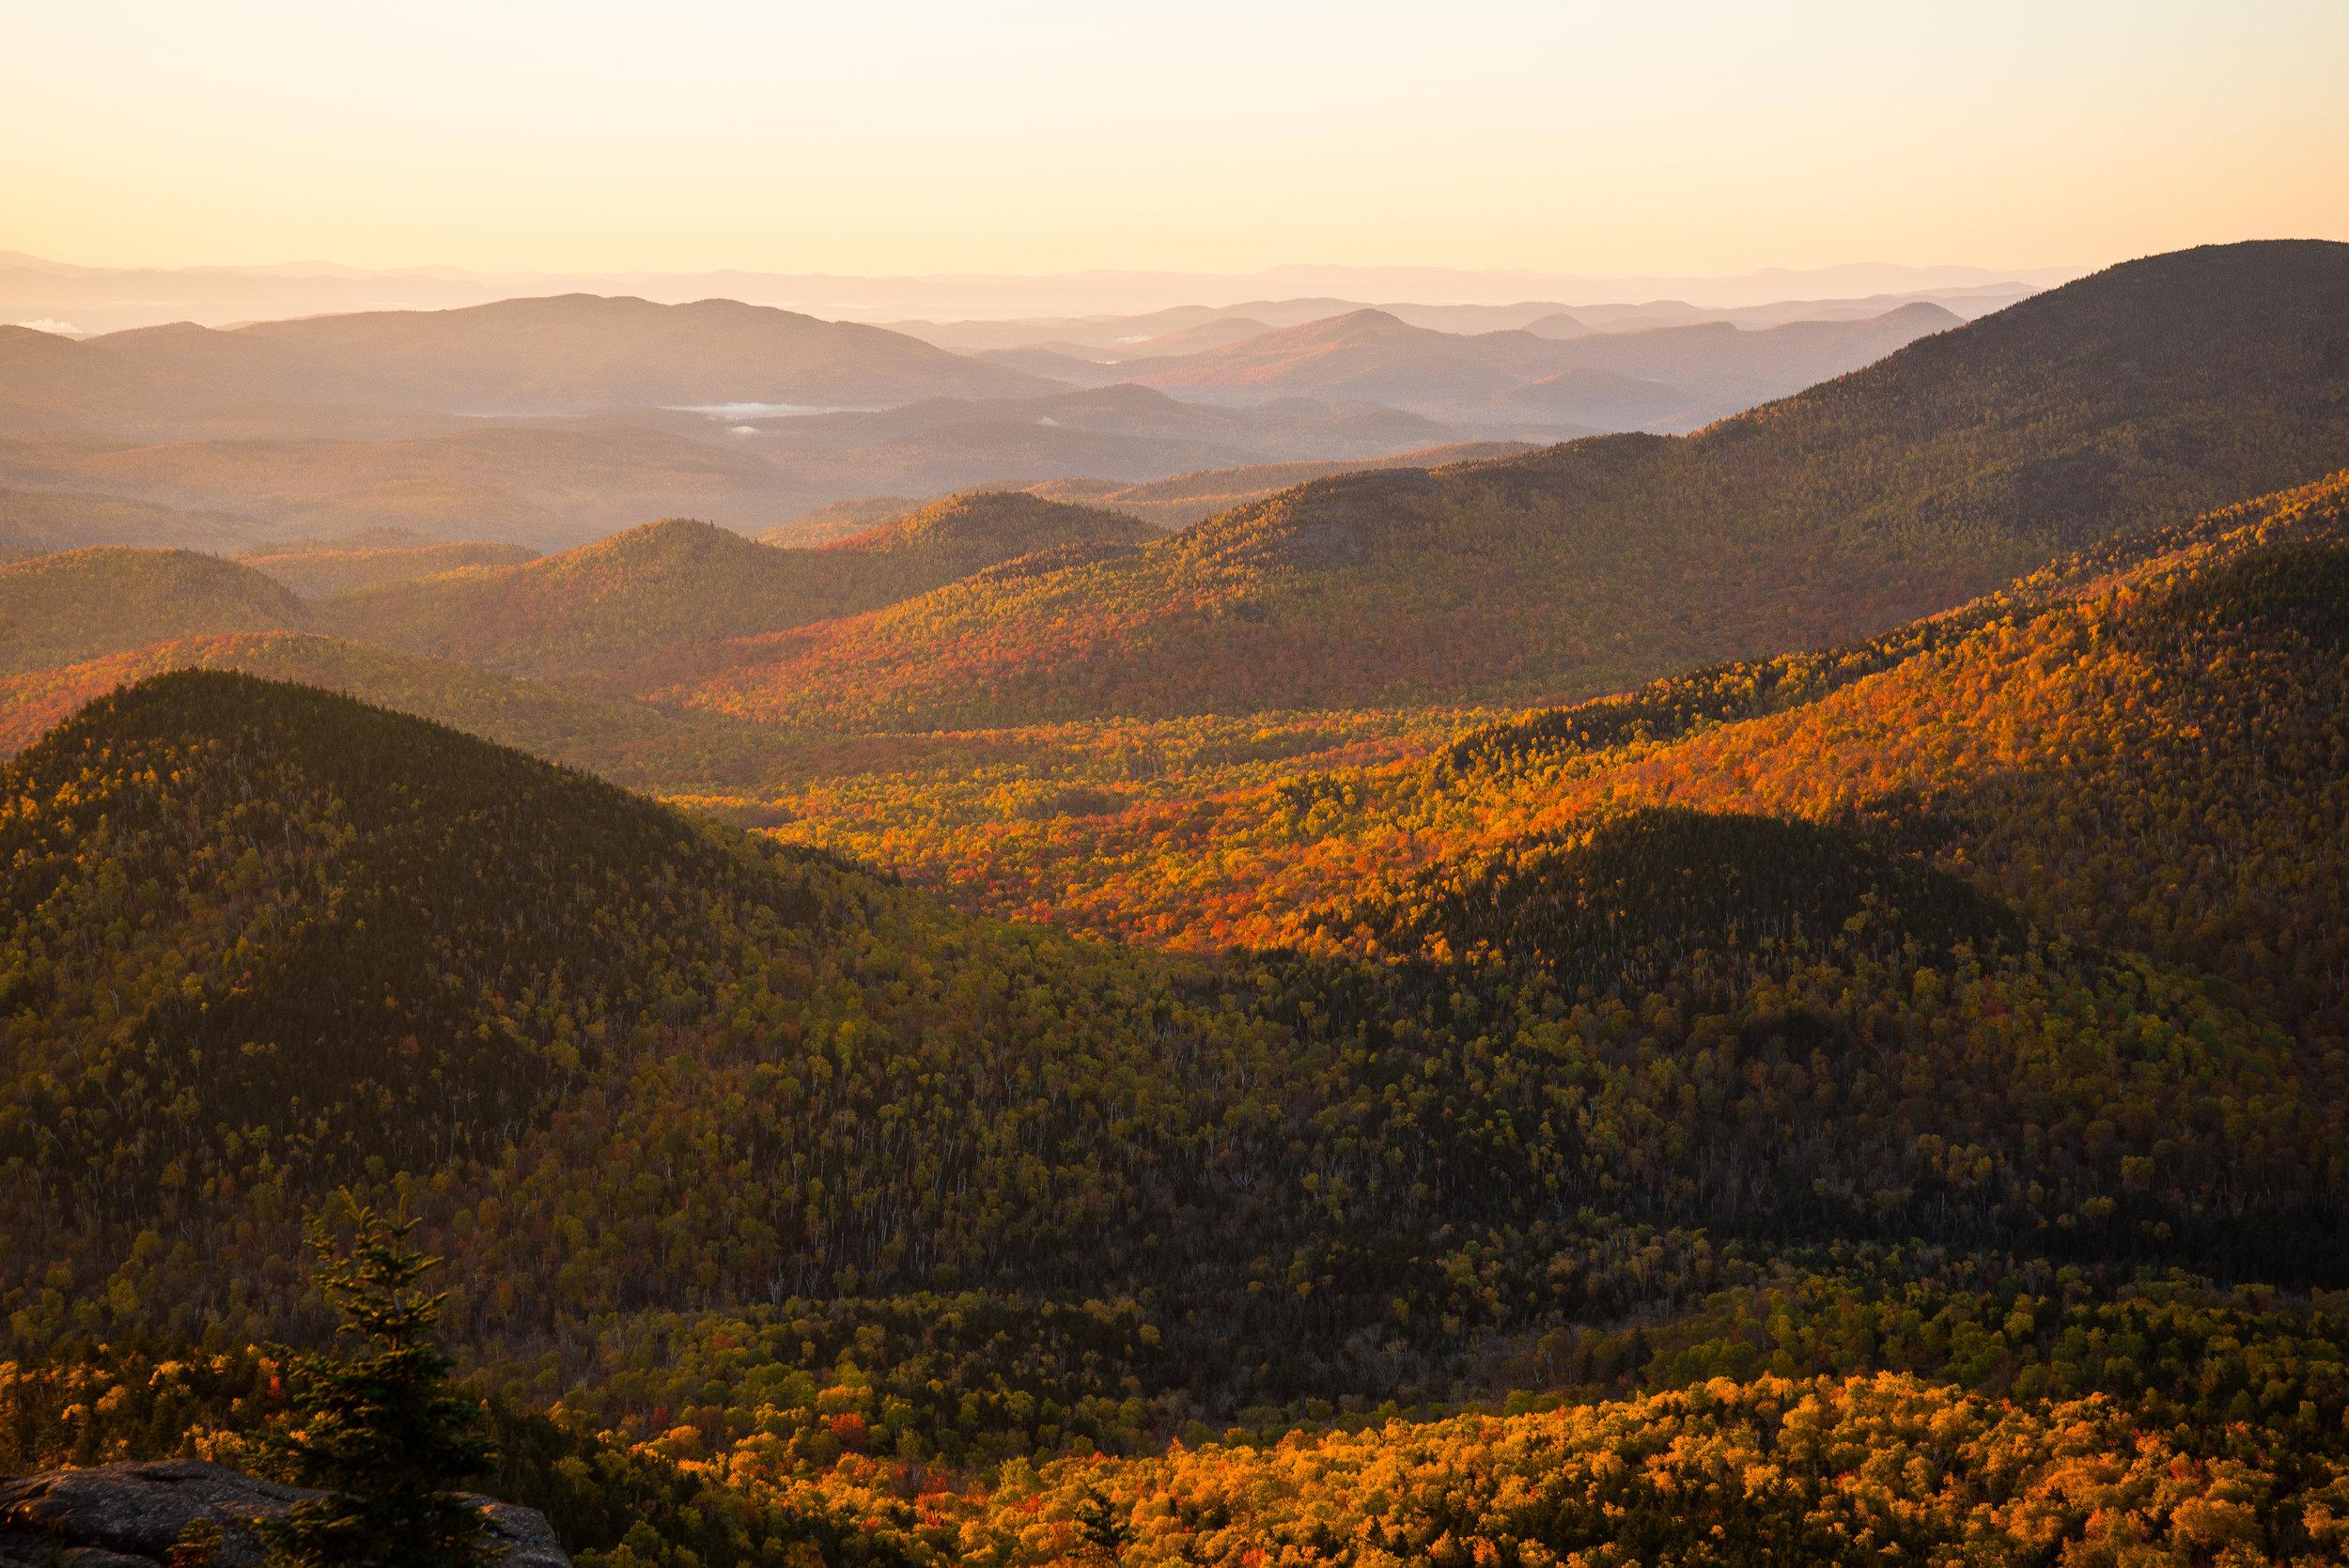 Noonmark Mountain Summit